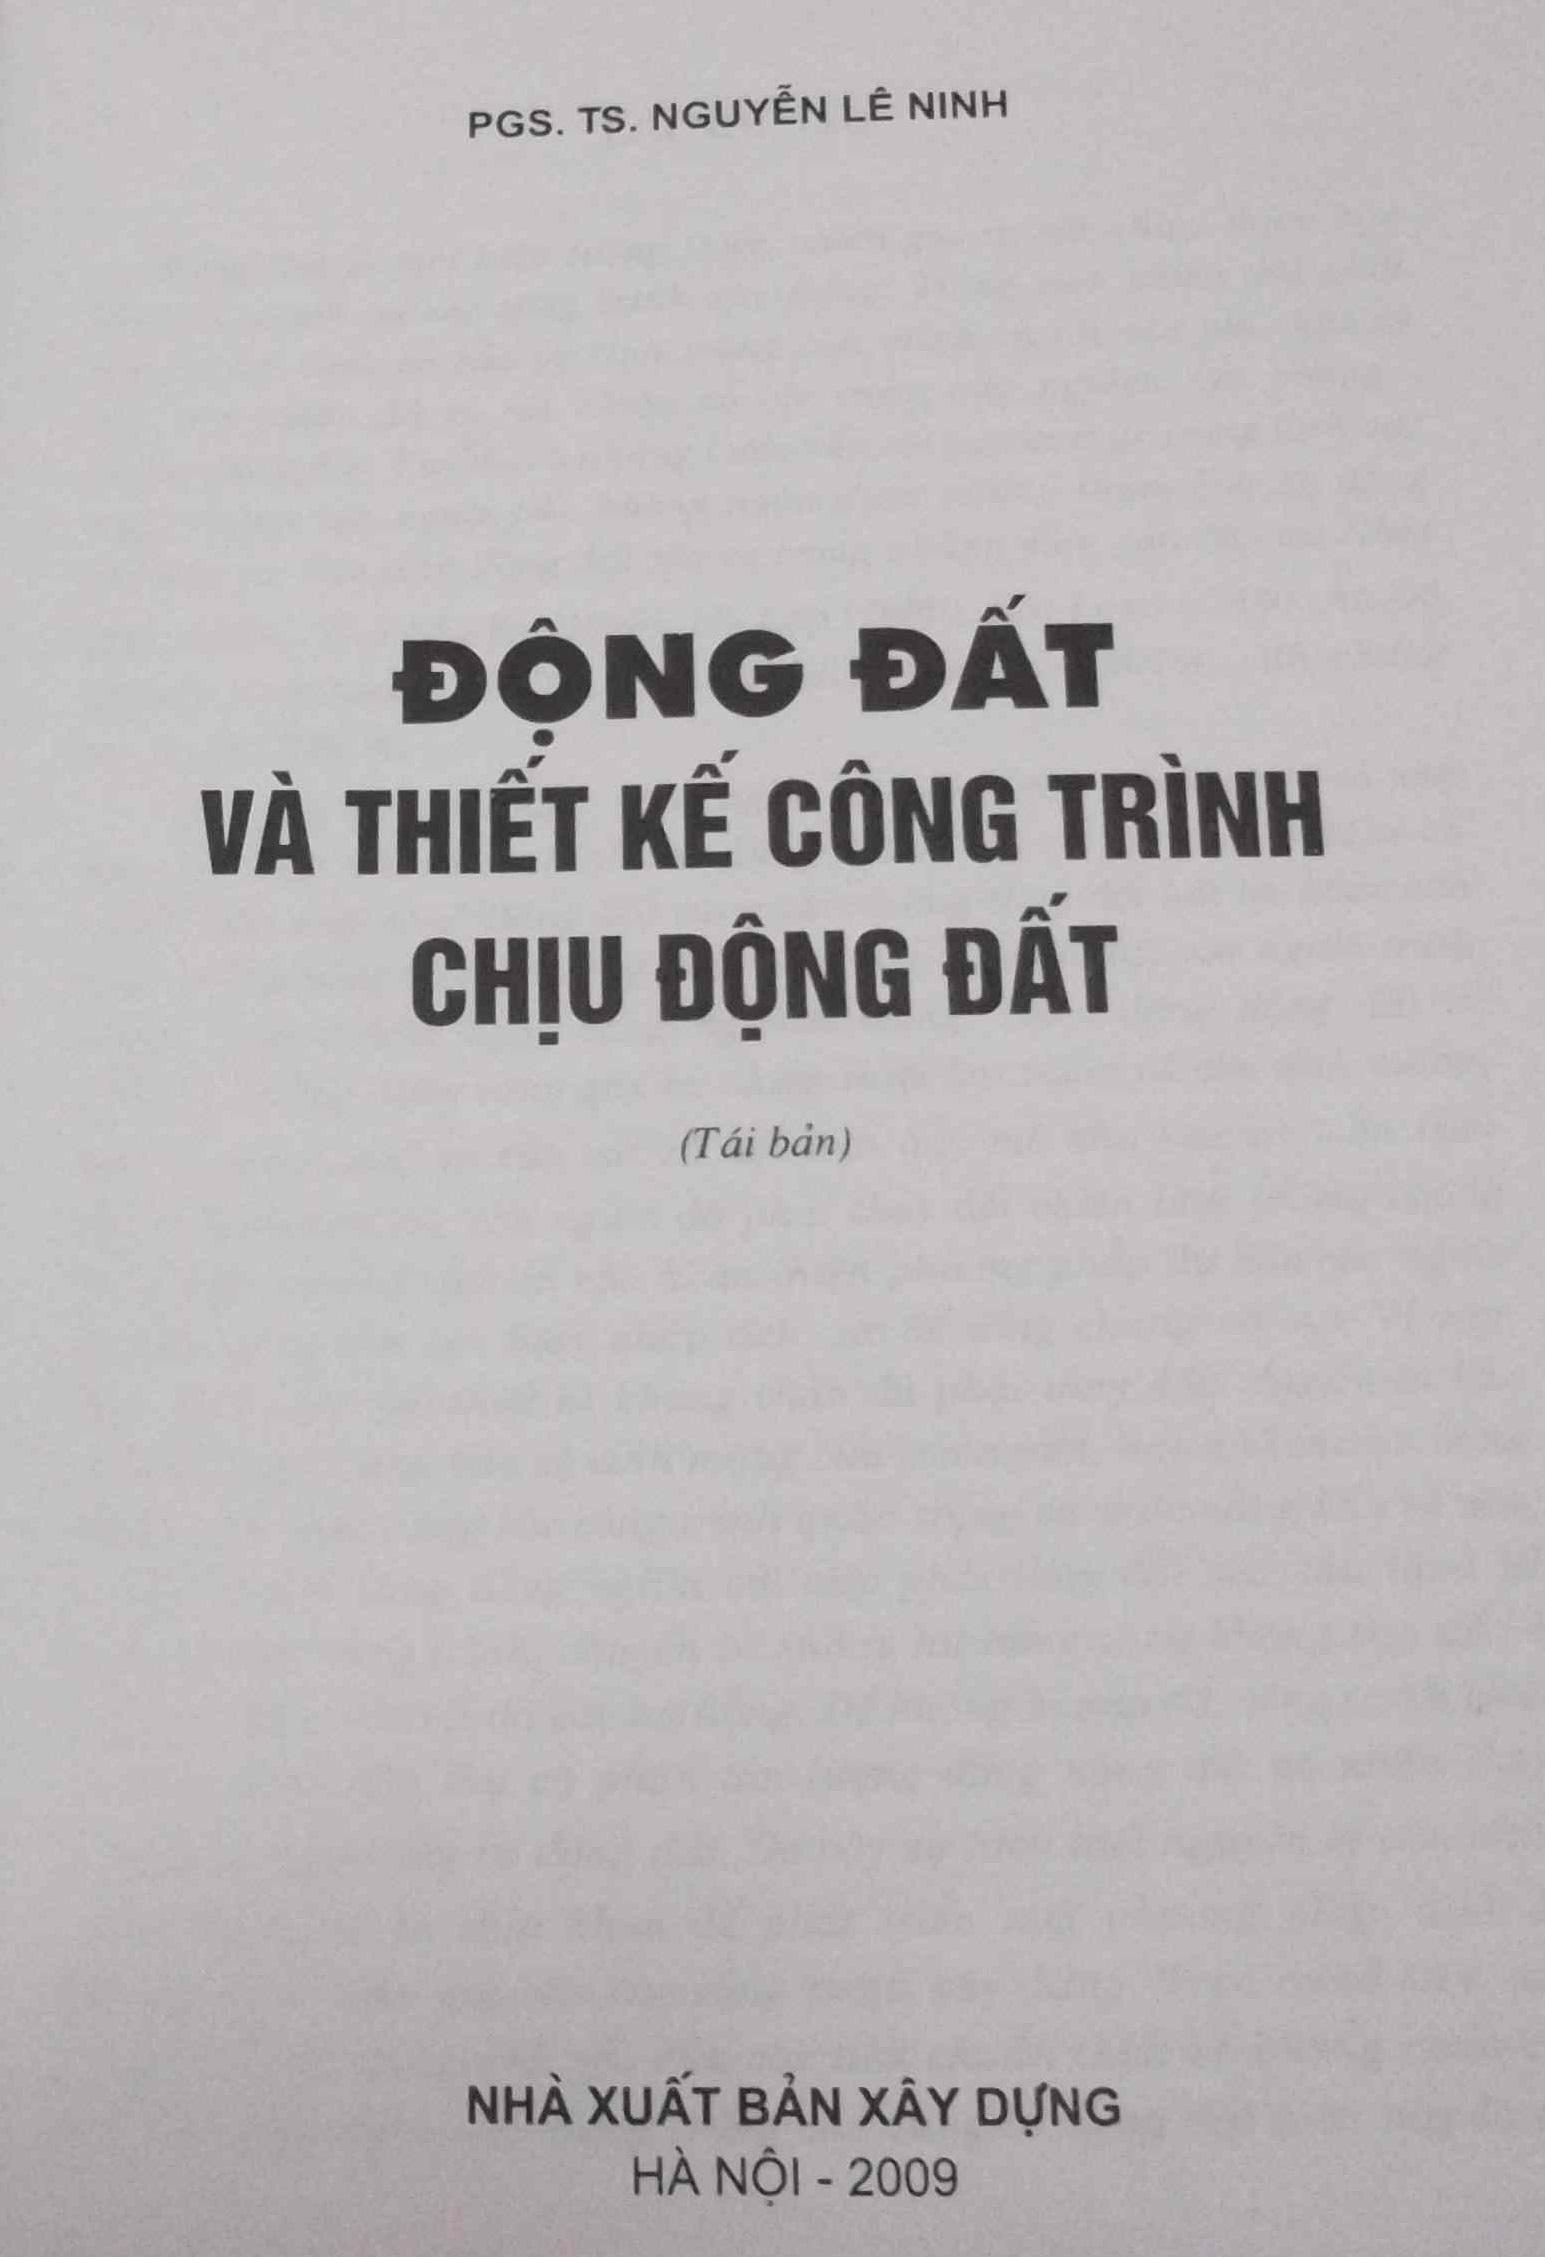 Động đất và thiết kế công trình chịu động đât - PGS.TS. Nguyễn Lê Ninh